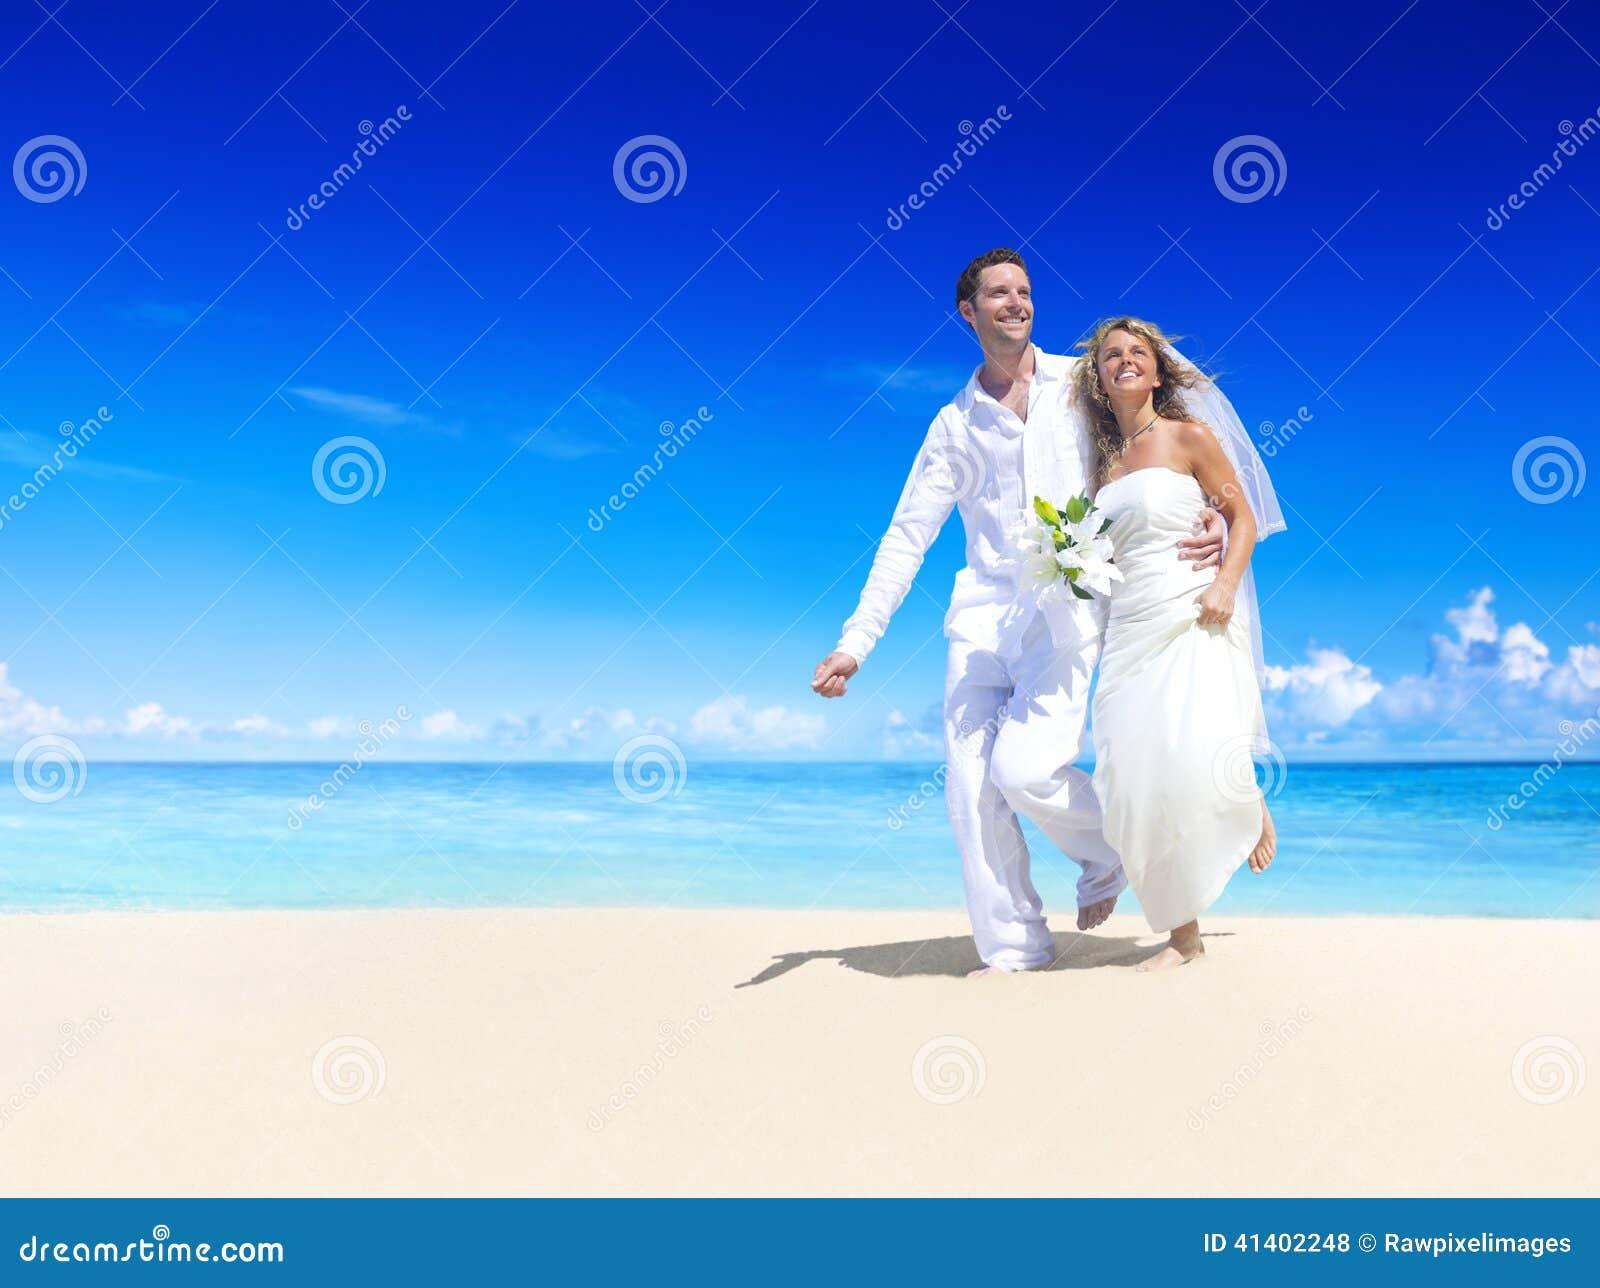 Matrimonio Sulla Spiaggia Bacoli : Coppie che ottengono matrimonio sulla spiaggia fotografia